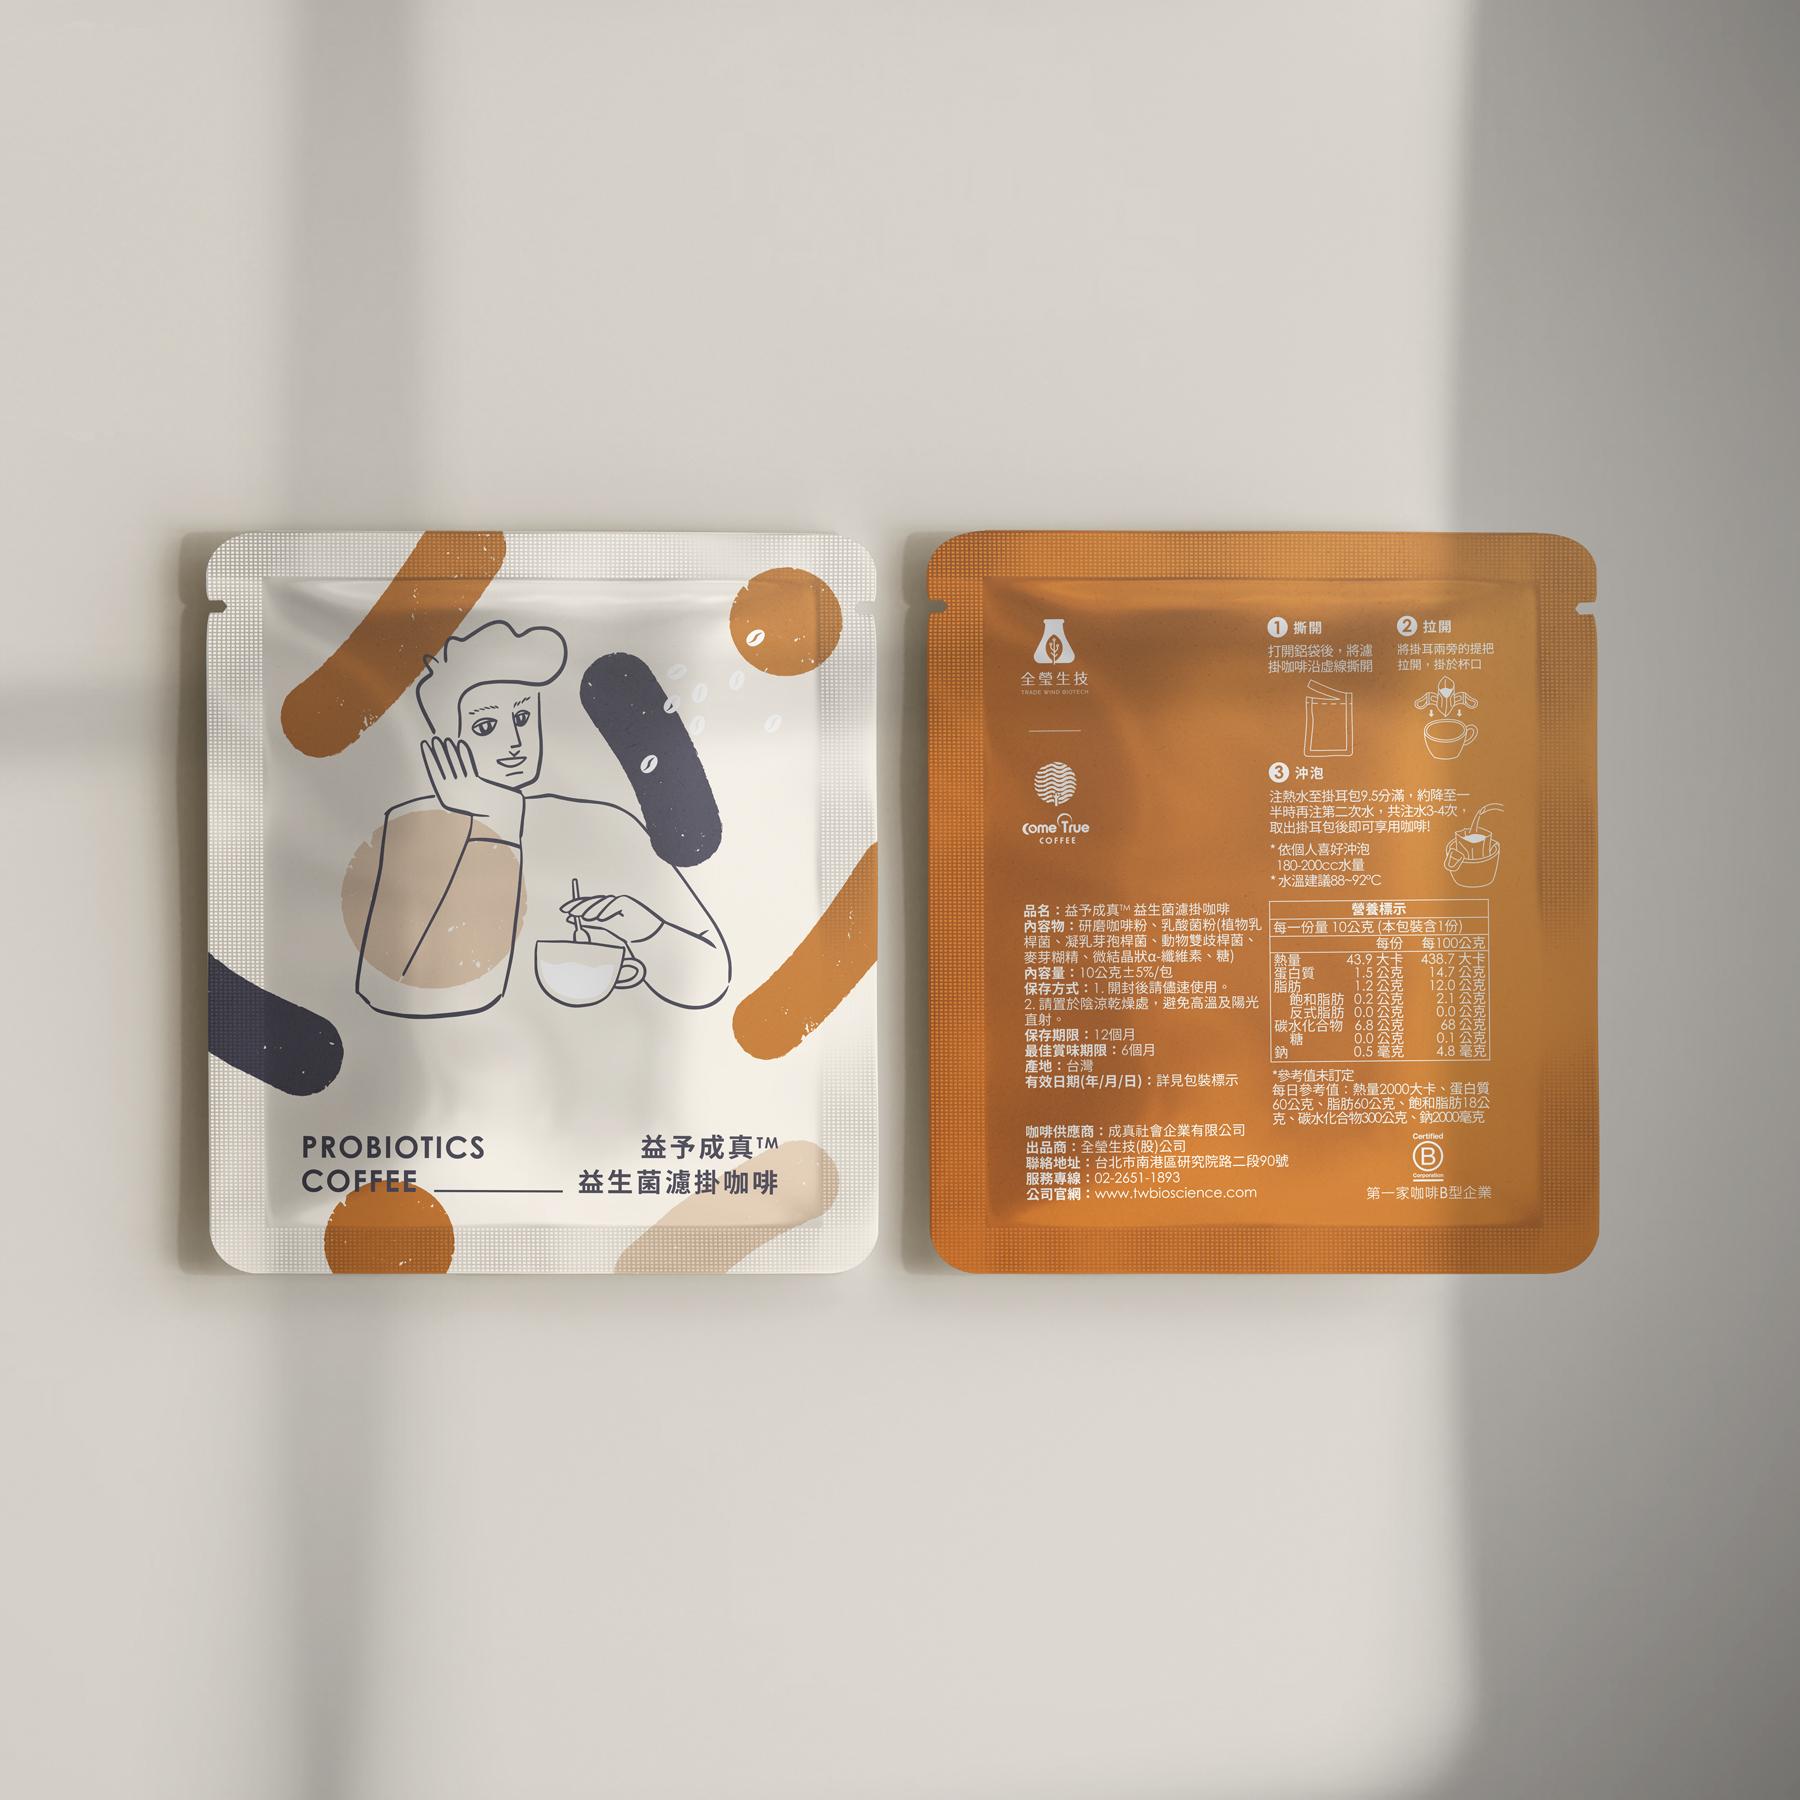 益予成真 益生菌濾掛咖啡<br>(帕雷斯小農 精緻水洗) <br>單包販售(無盒子)